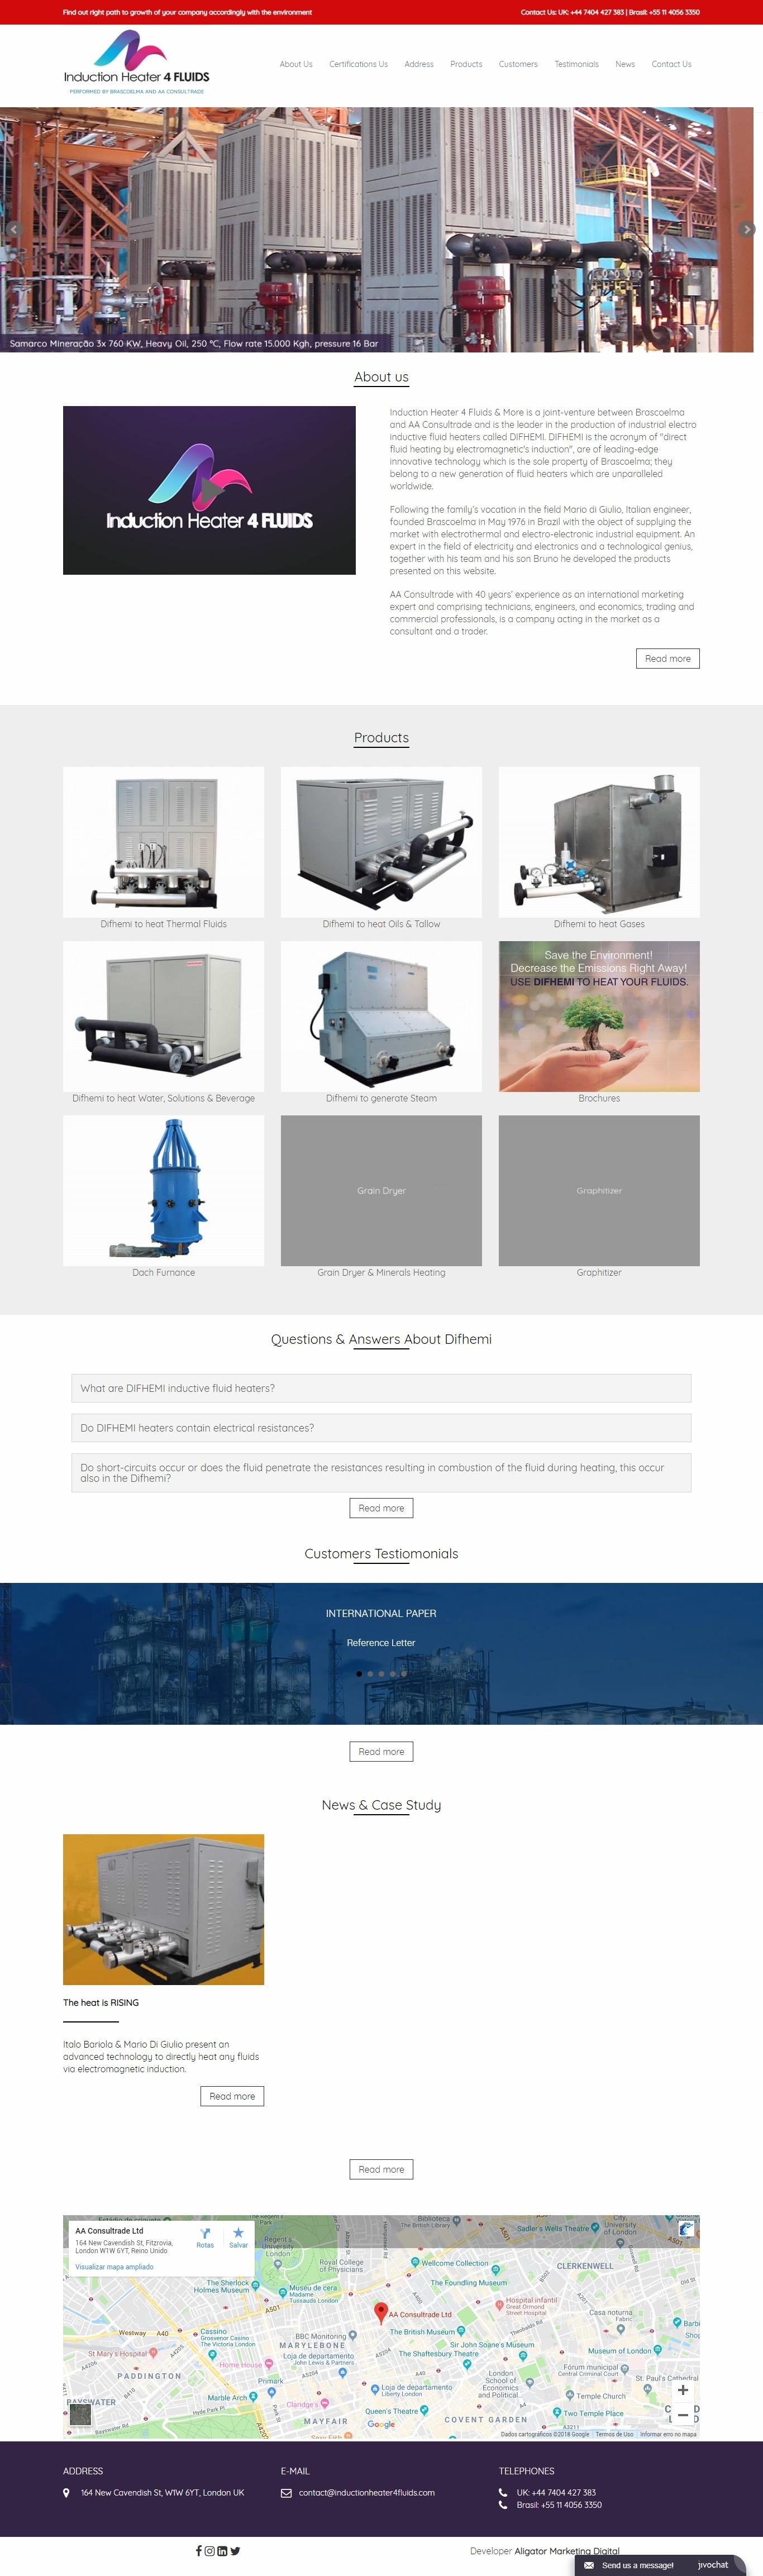 Criação de Site para Indústria: Induction Heater 4 Fluids